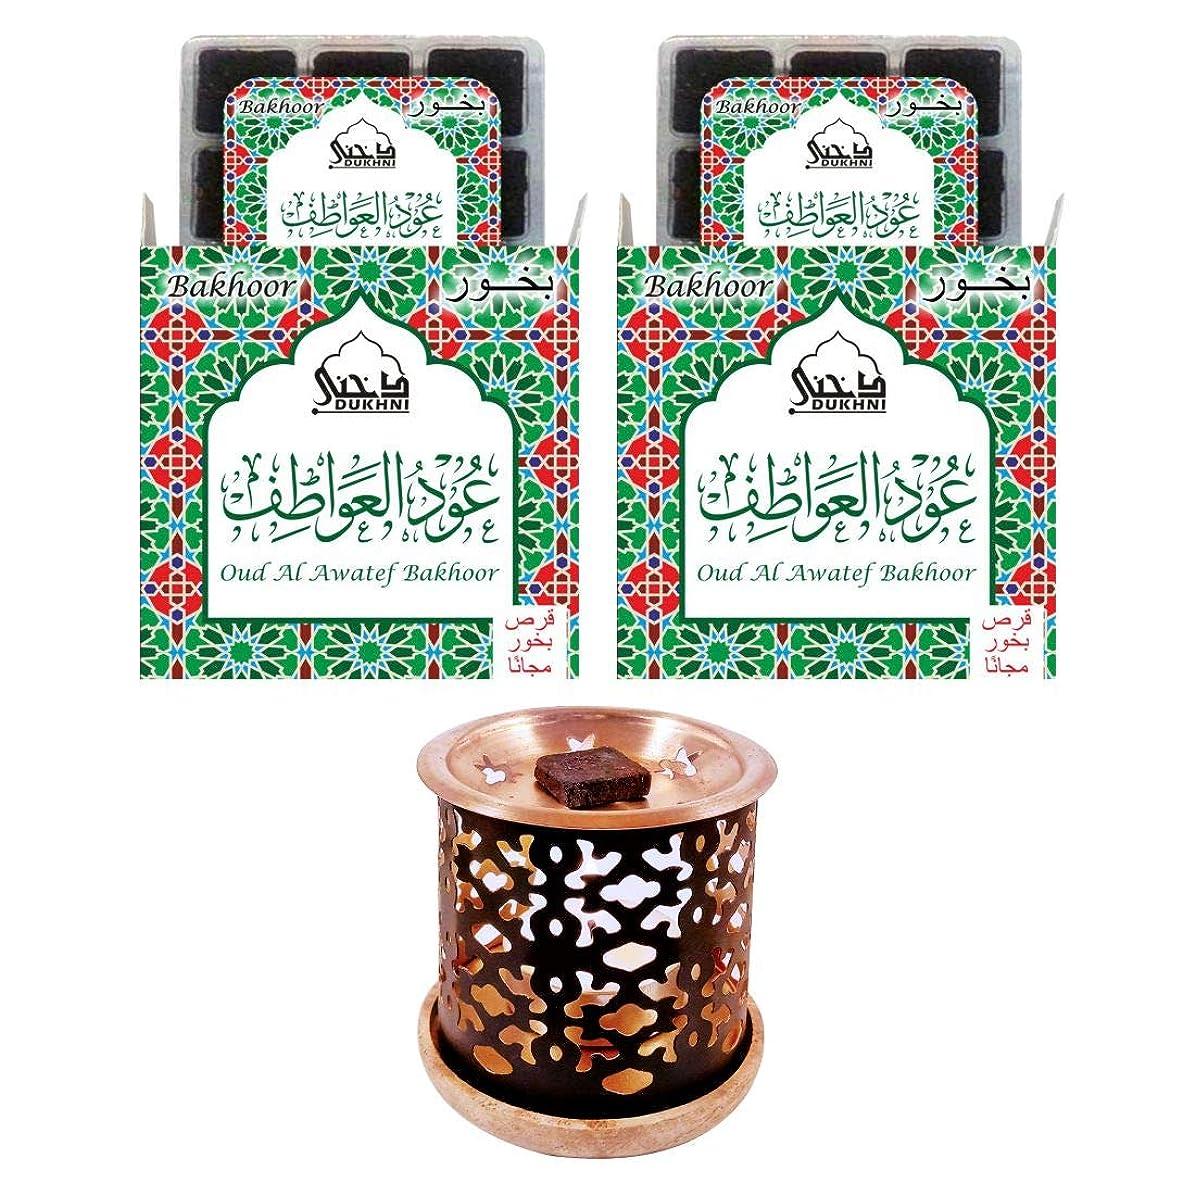 軍カプセルリーDukhni DUK-Oud Al Awatef Bakhoor (M) + スノーフレーク エキゾチックな香炉 燃焼